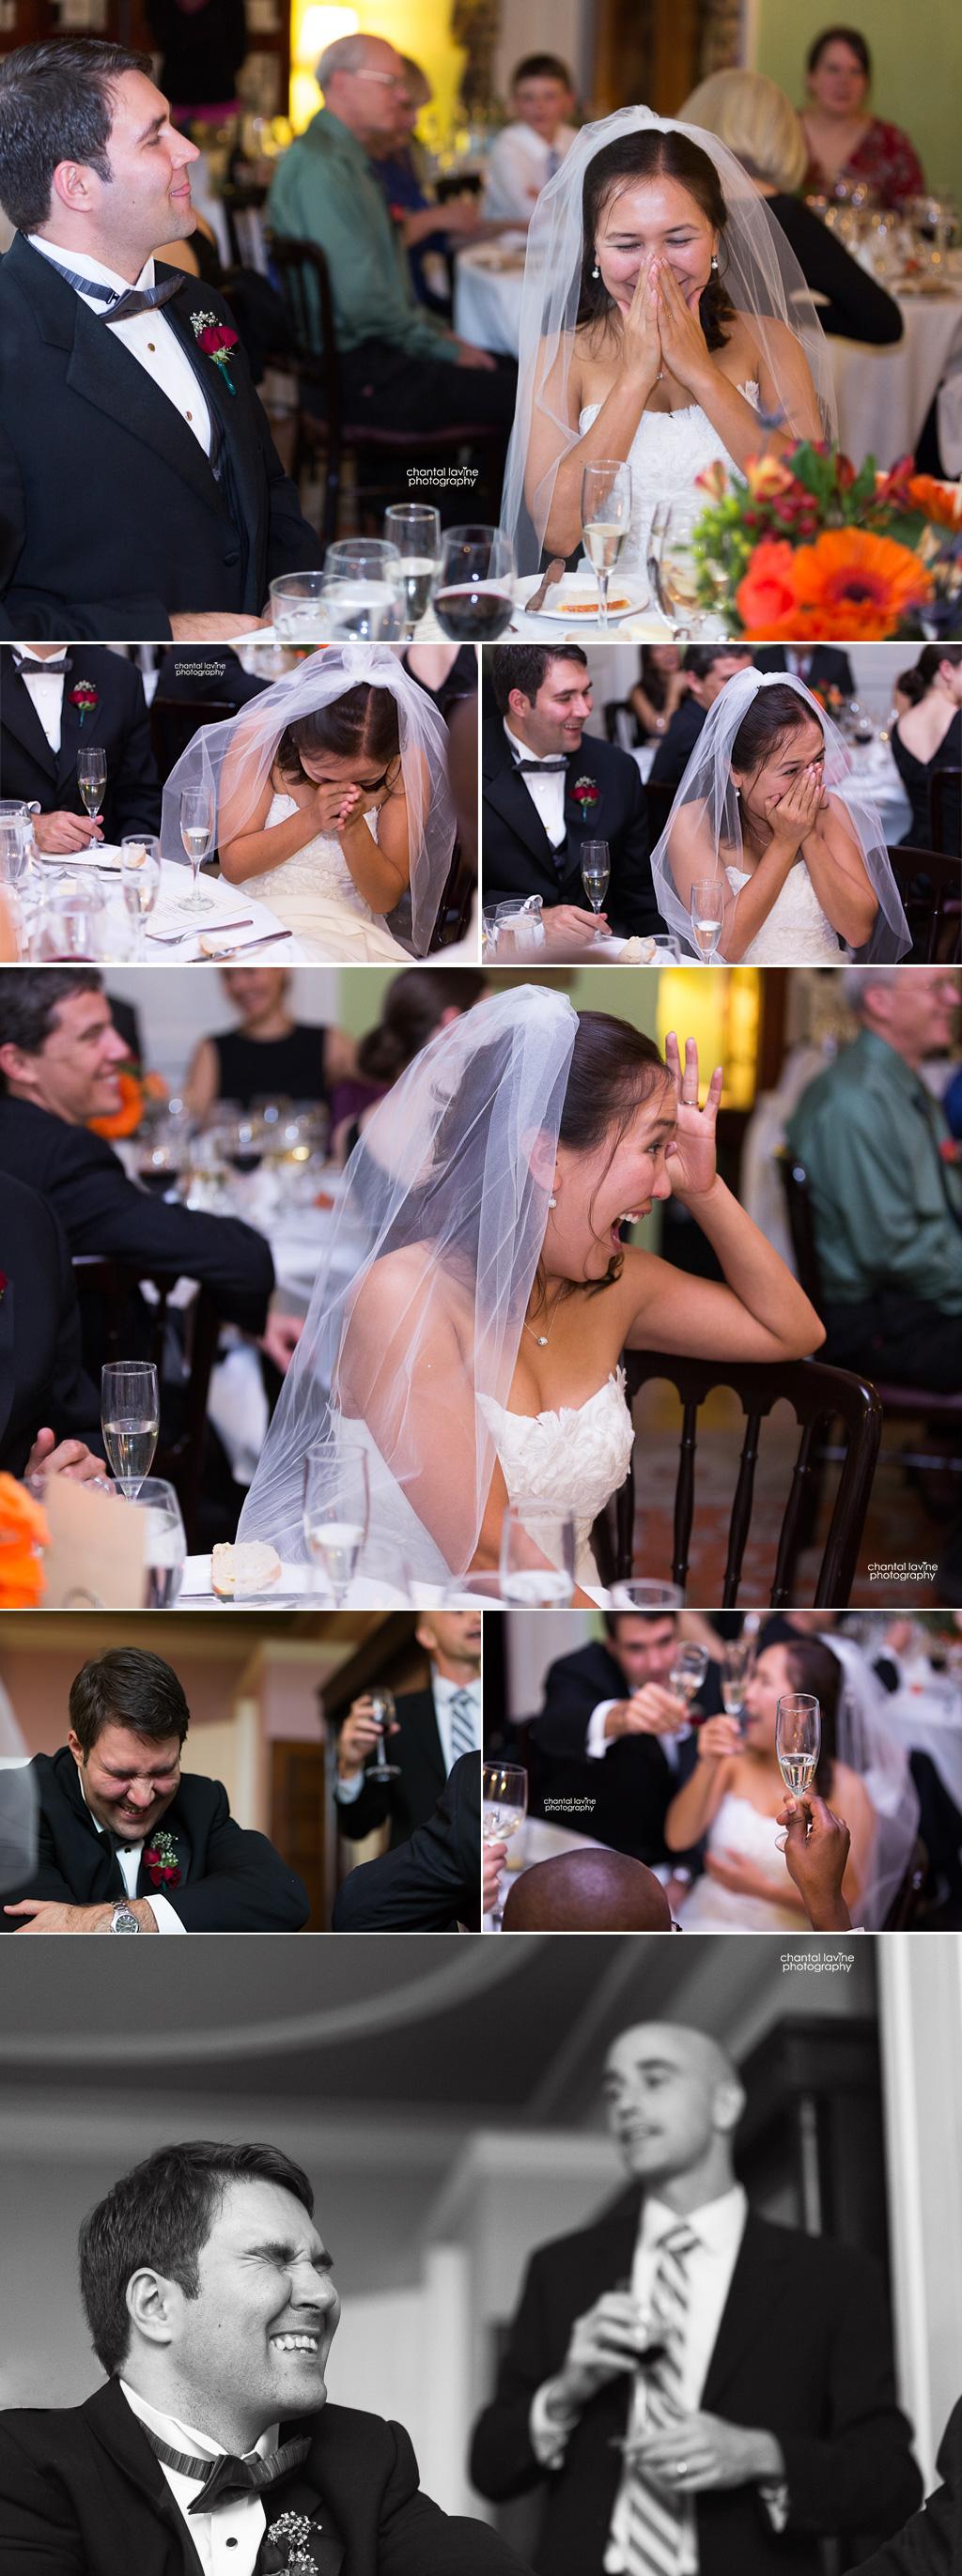 Blog_Chris-Medina_Wedding_Toasts